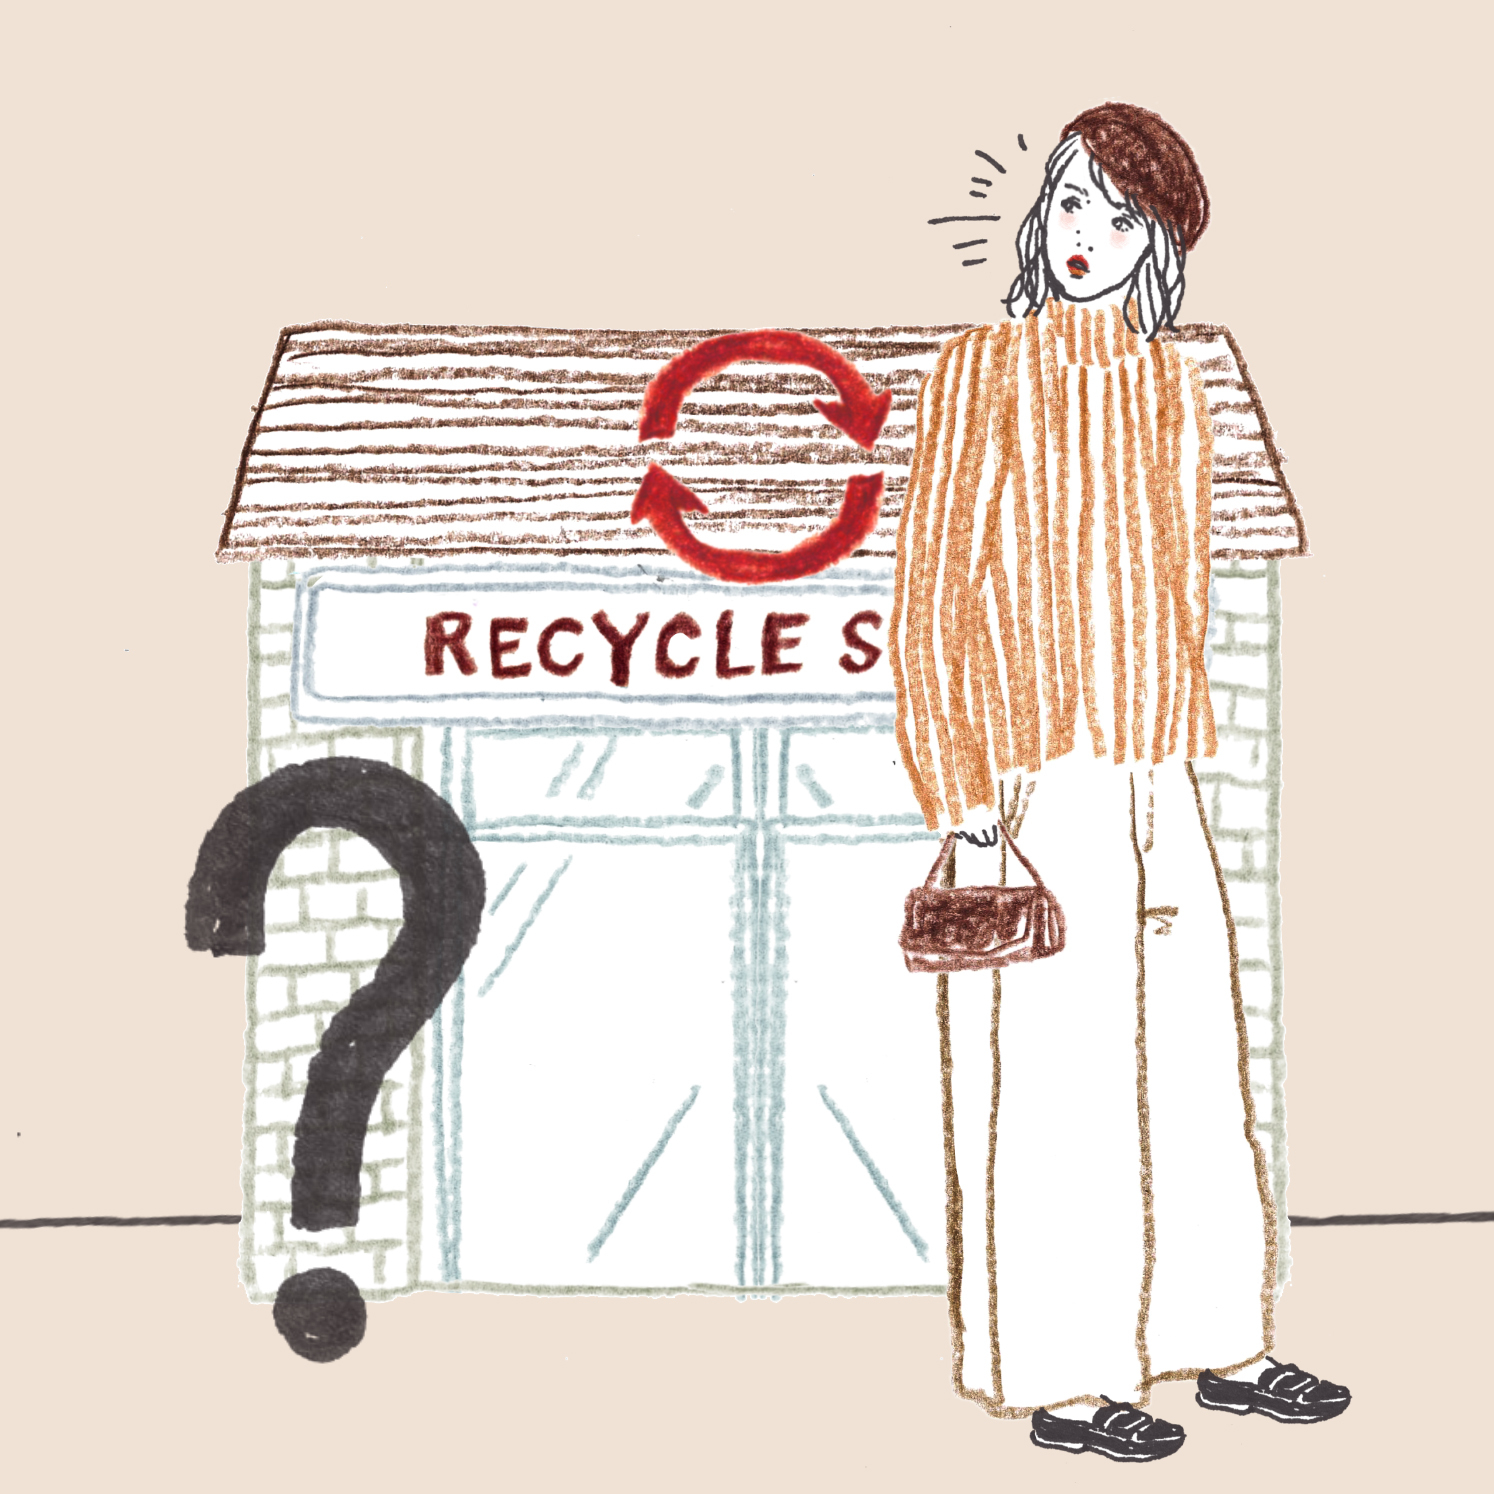 Q:リサイクルショップの前を通りました。店頭に出されていた物は次のうちどれですか?